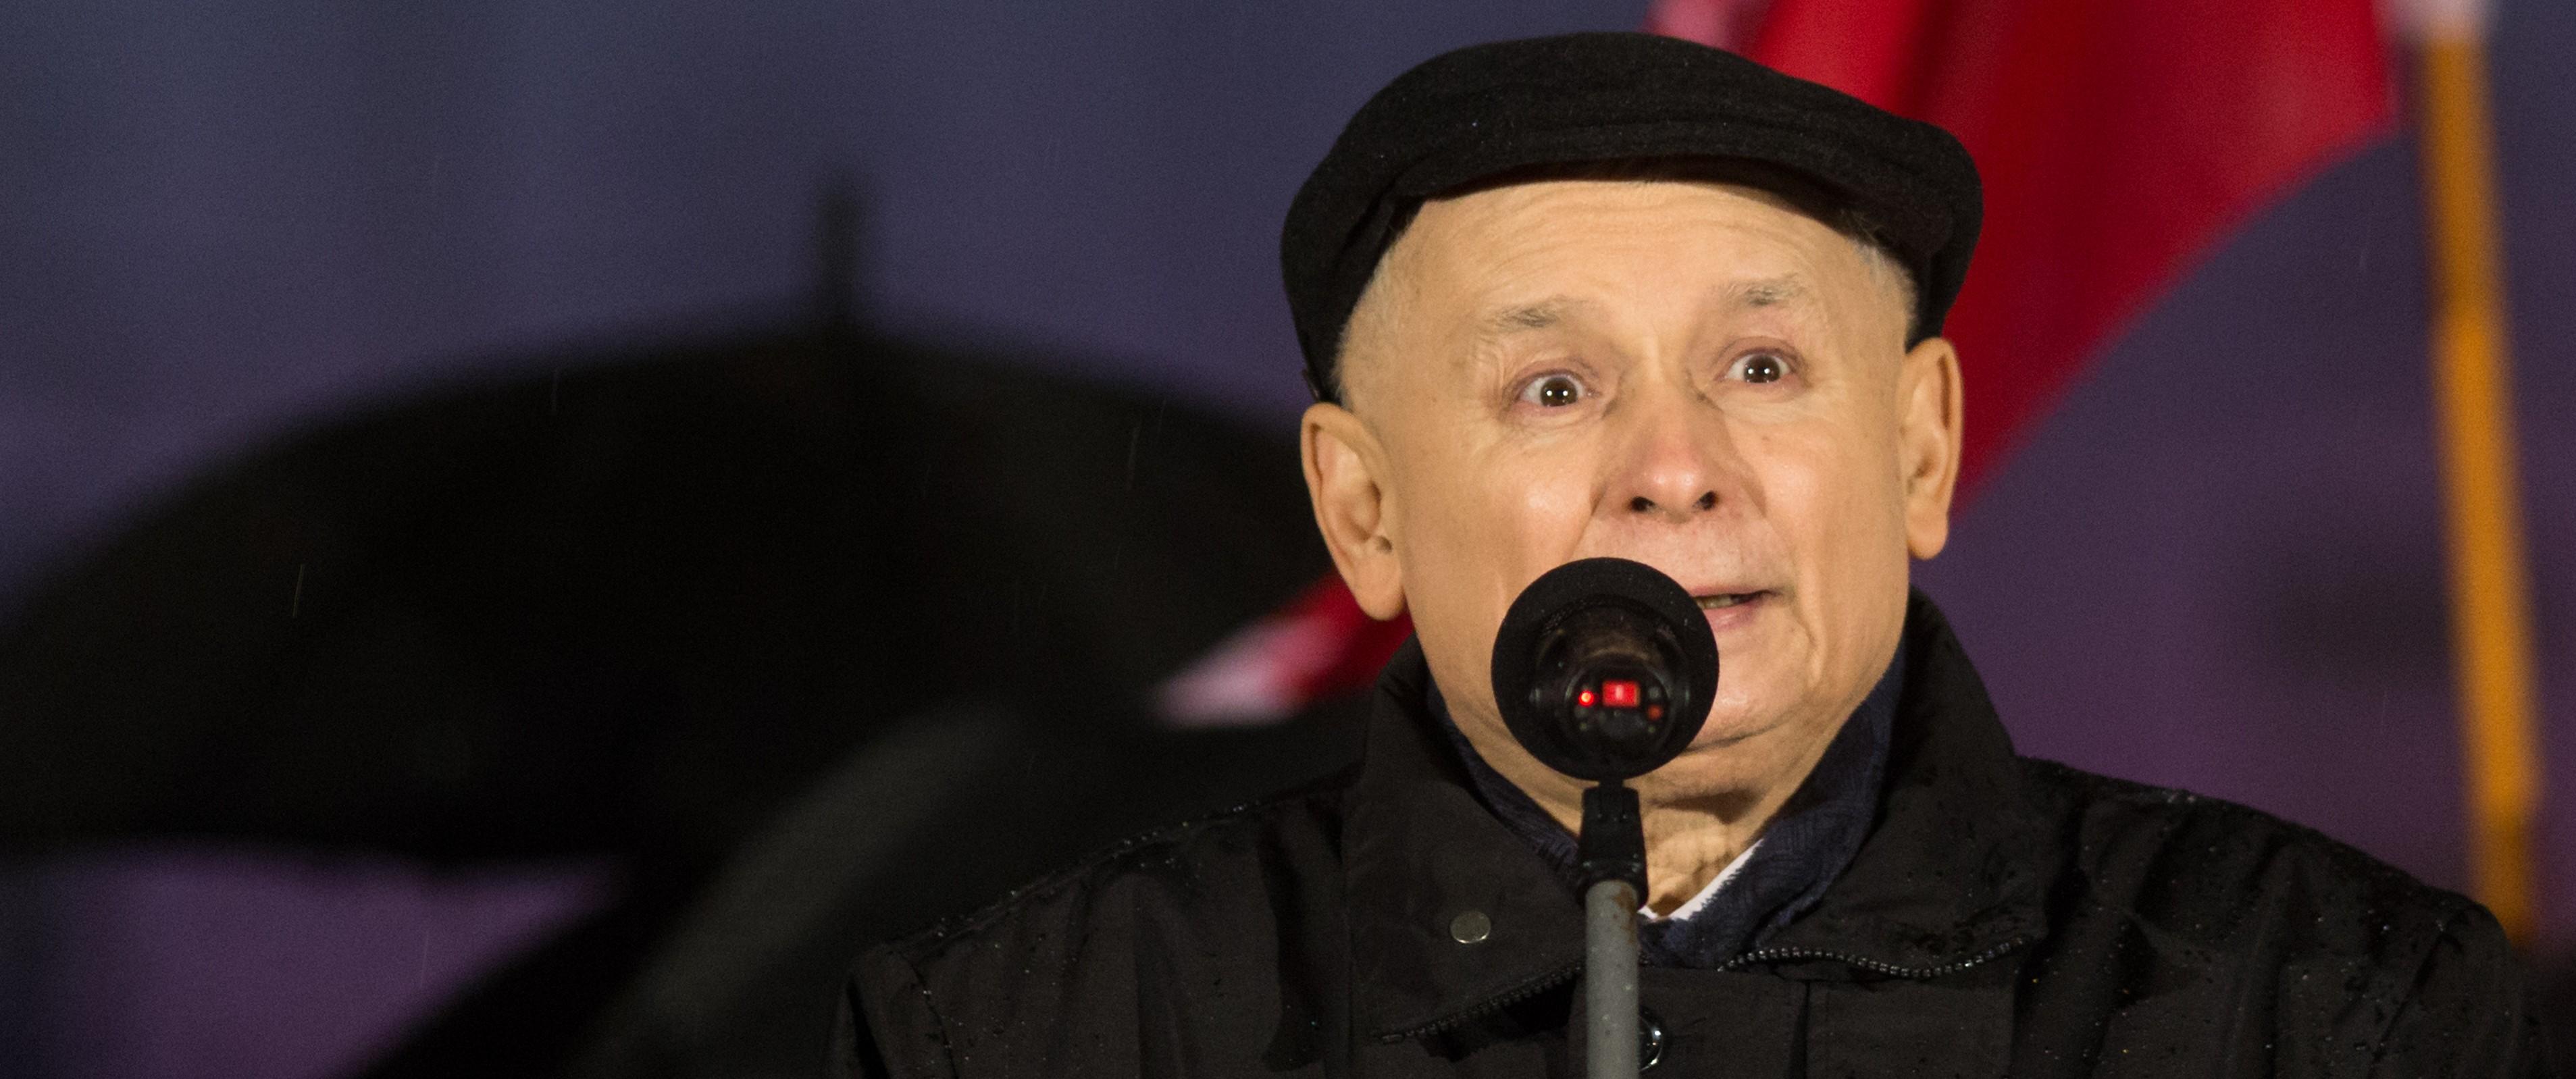 Kaczyński: Nasi wrogowie chcą doprowadzić nasz kraj do kryzysu